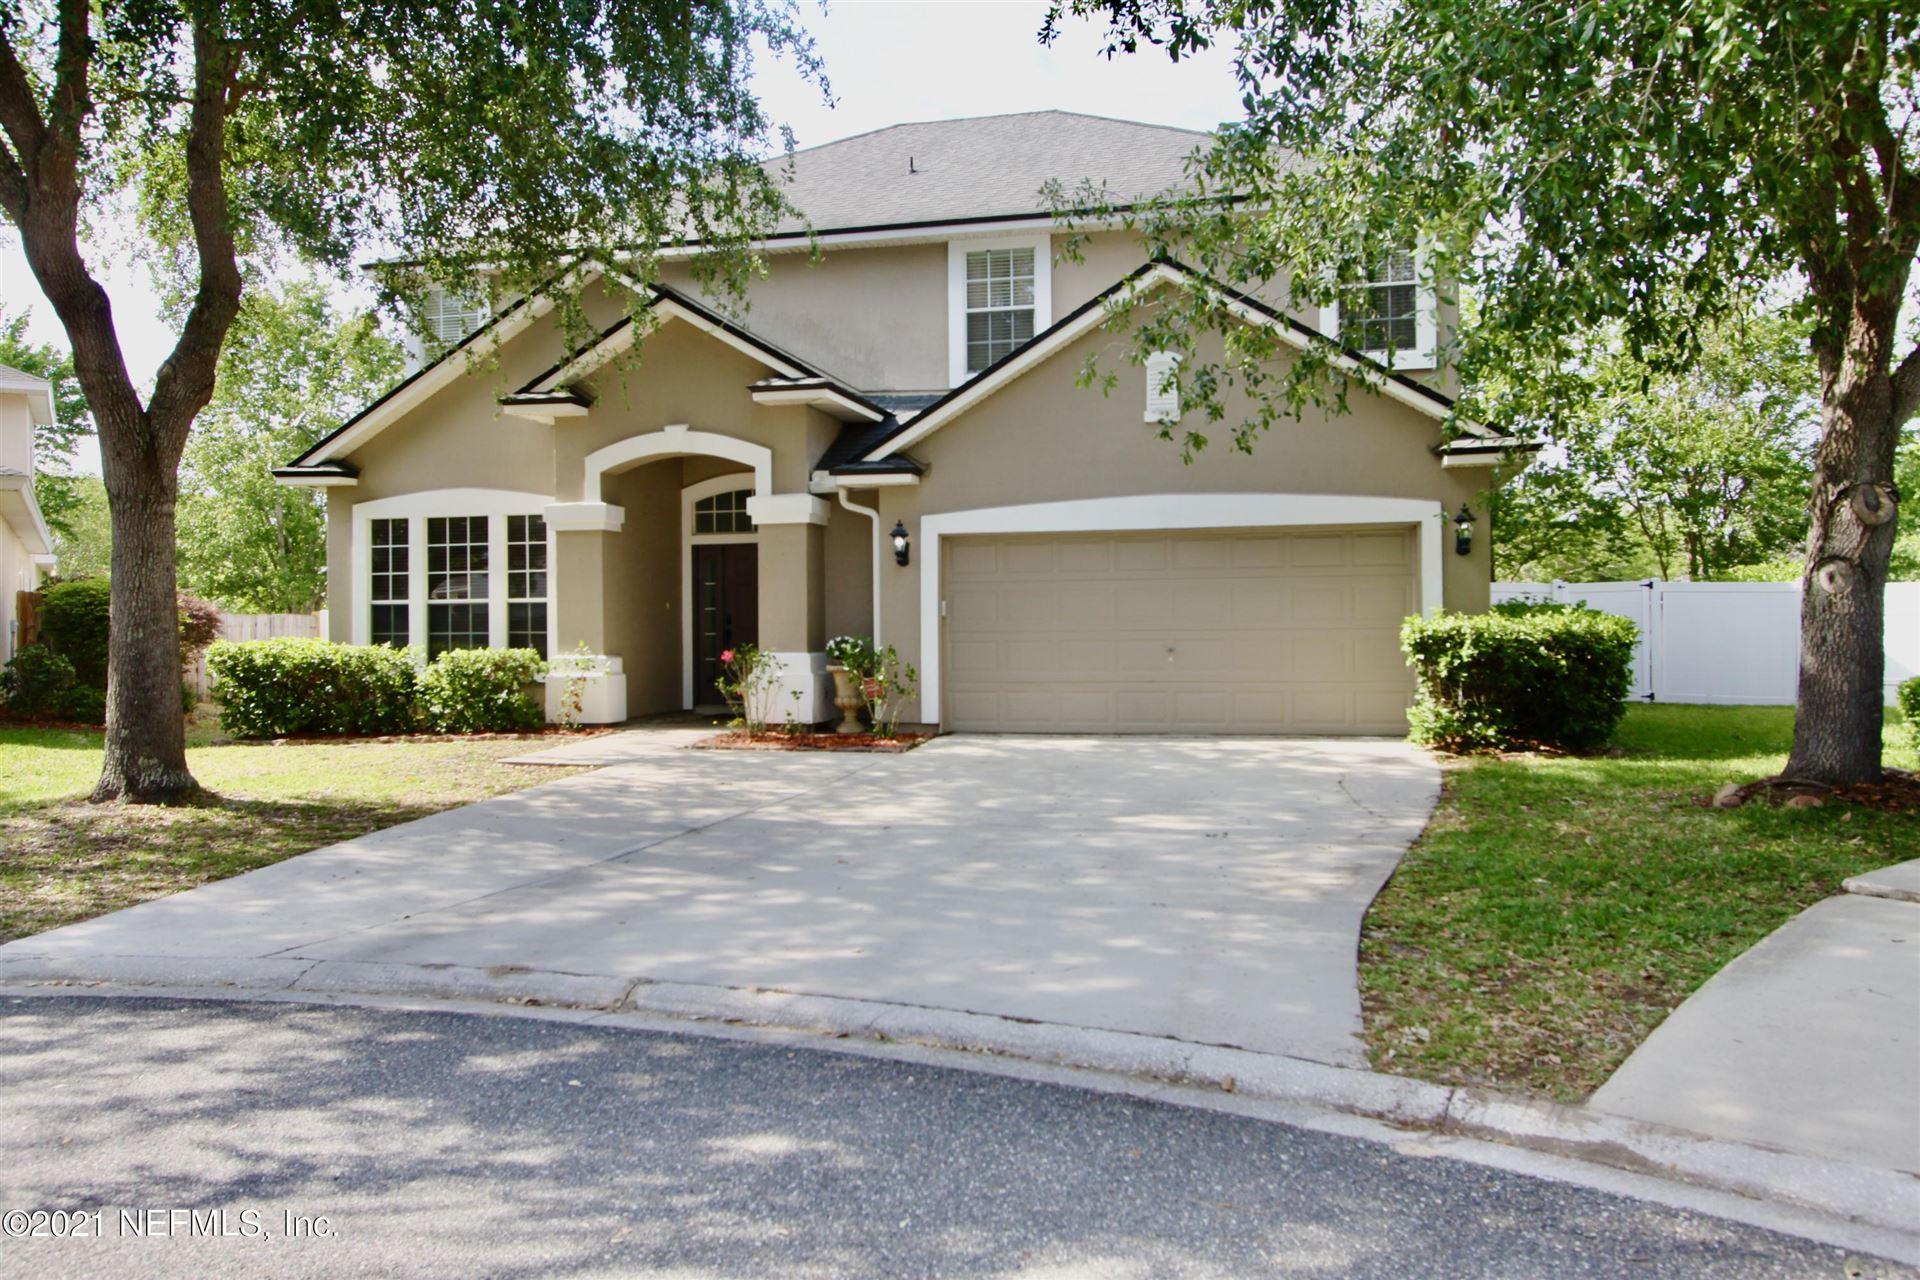 300 BRIER ROSE LN, Orange Park, FL 32065 - MLS#: 1104616